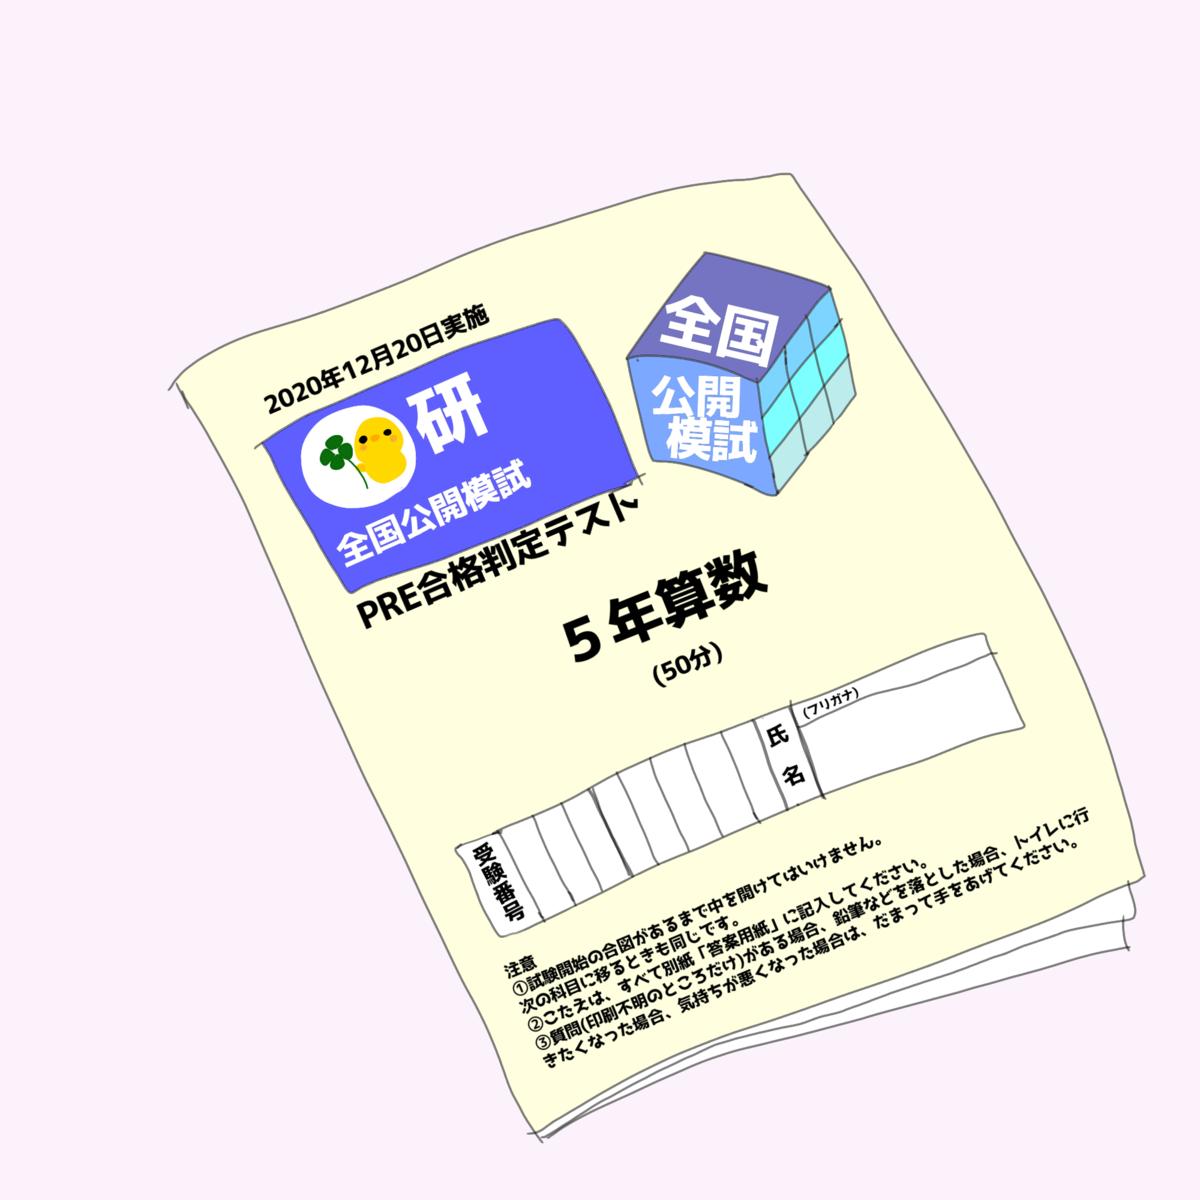 f:id:goodweatherX:20201221102640p:plain